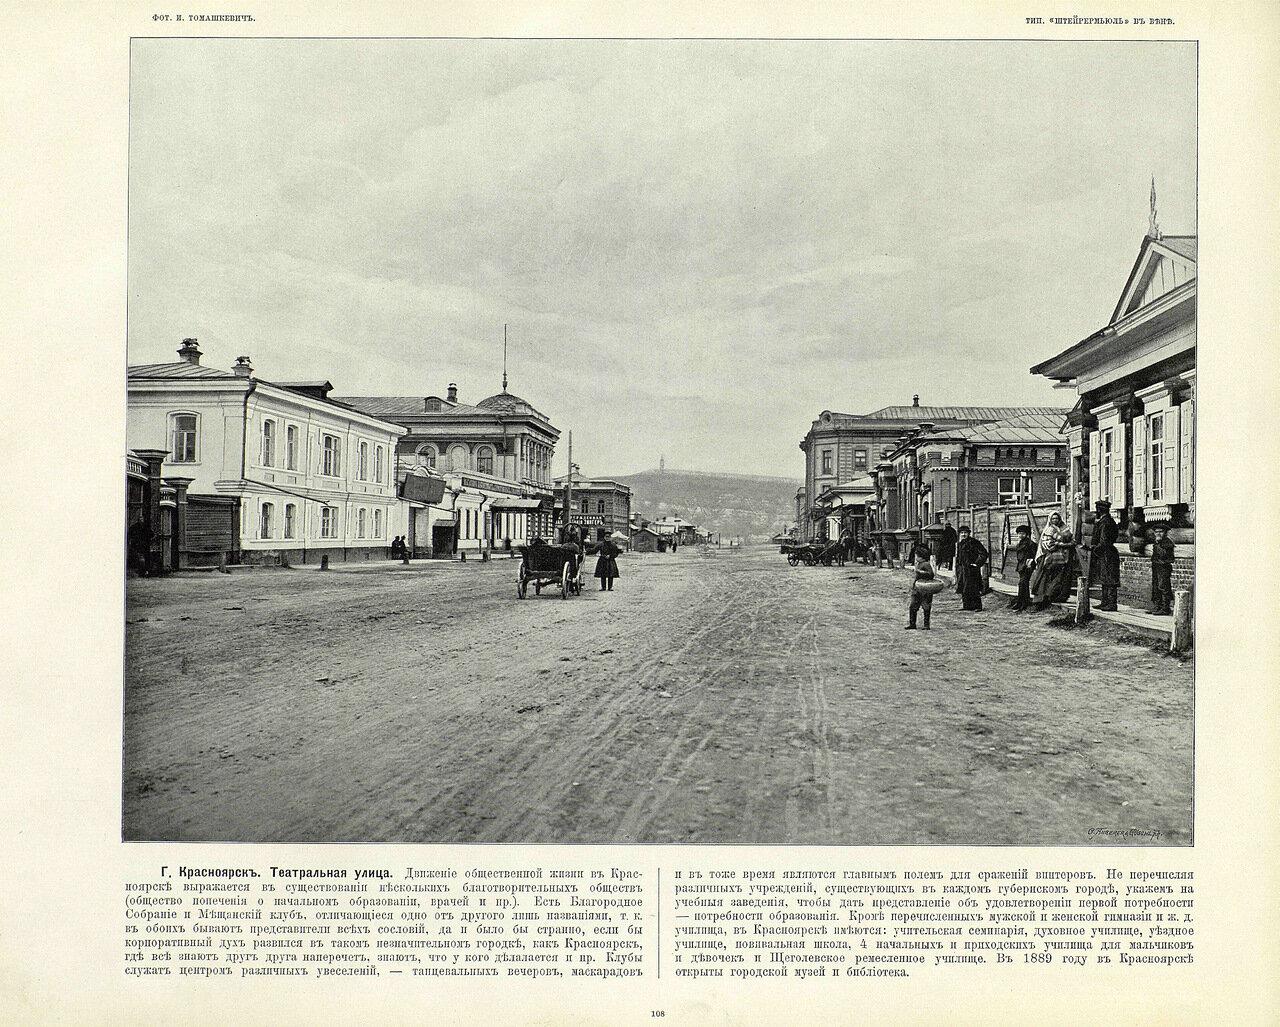 108. Красноярск. Театральная площадь